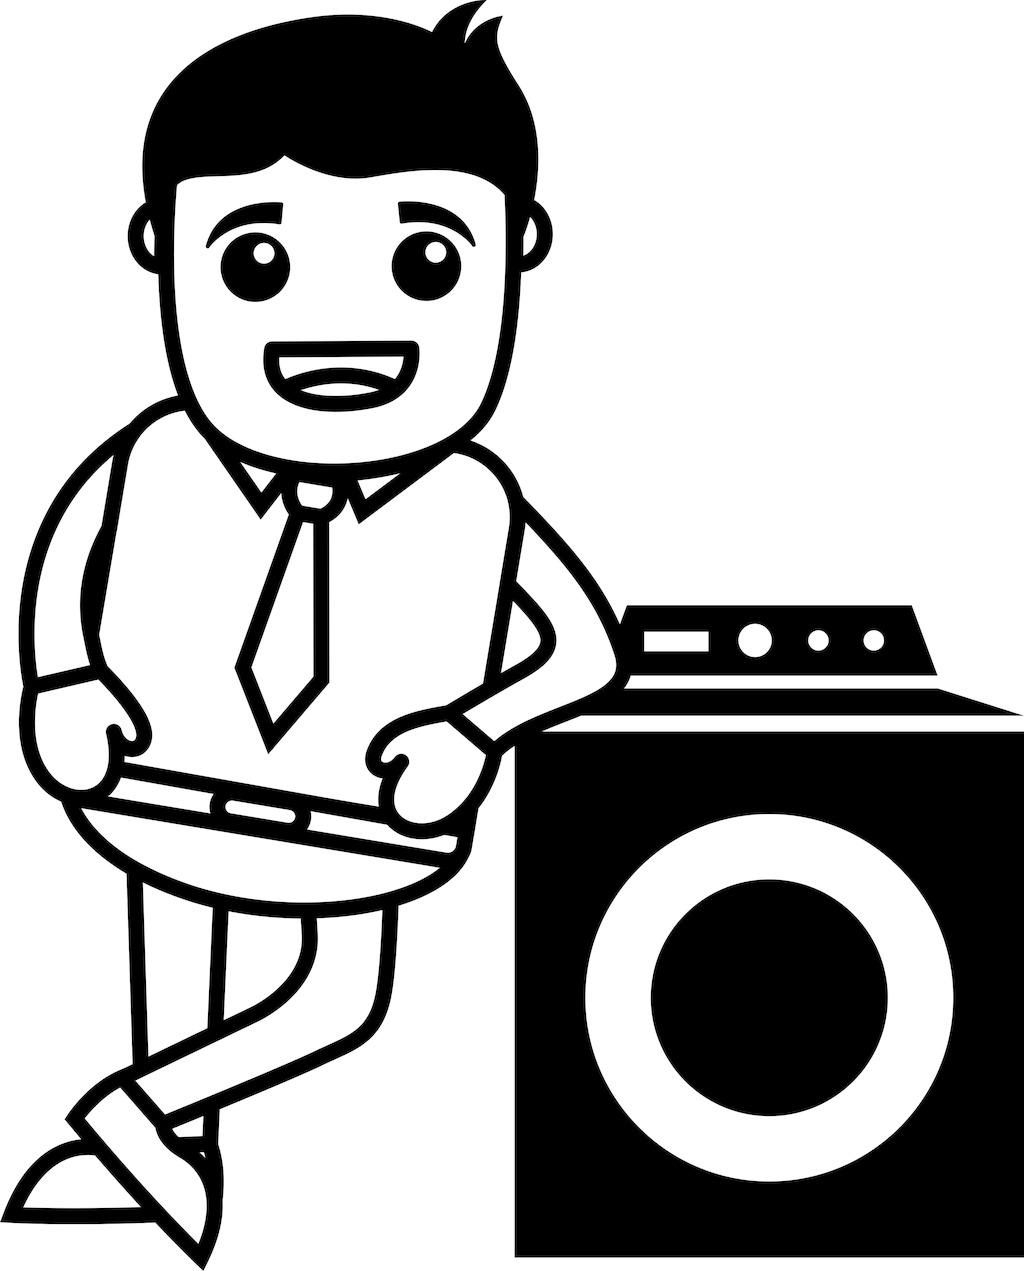 男人站在洗衣机-矢量插画